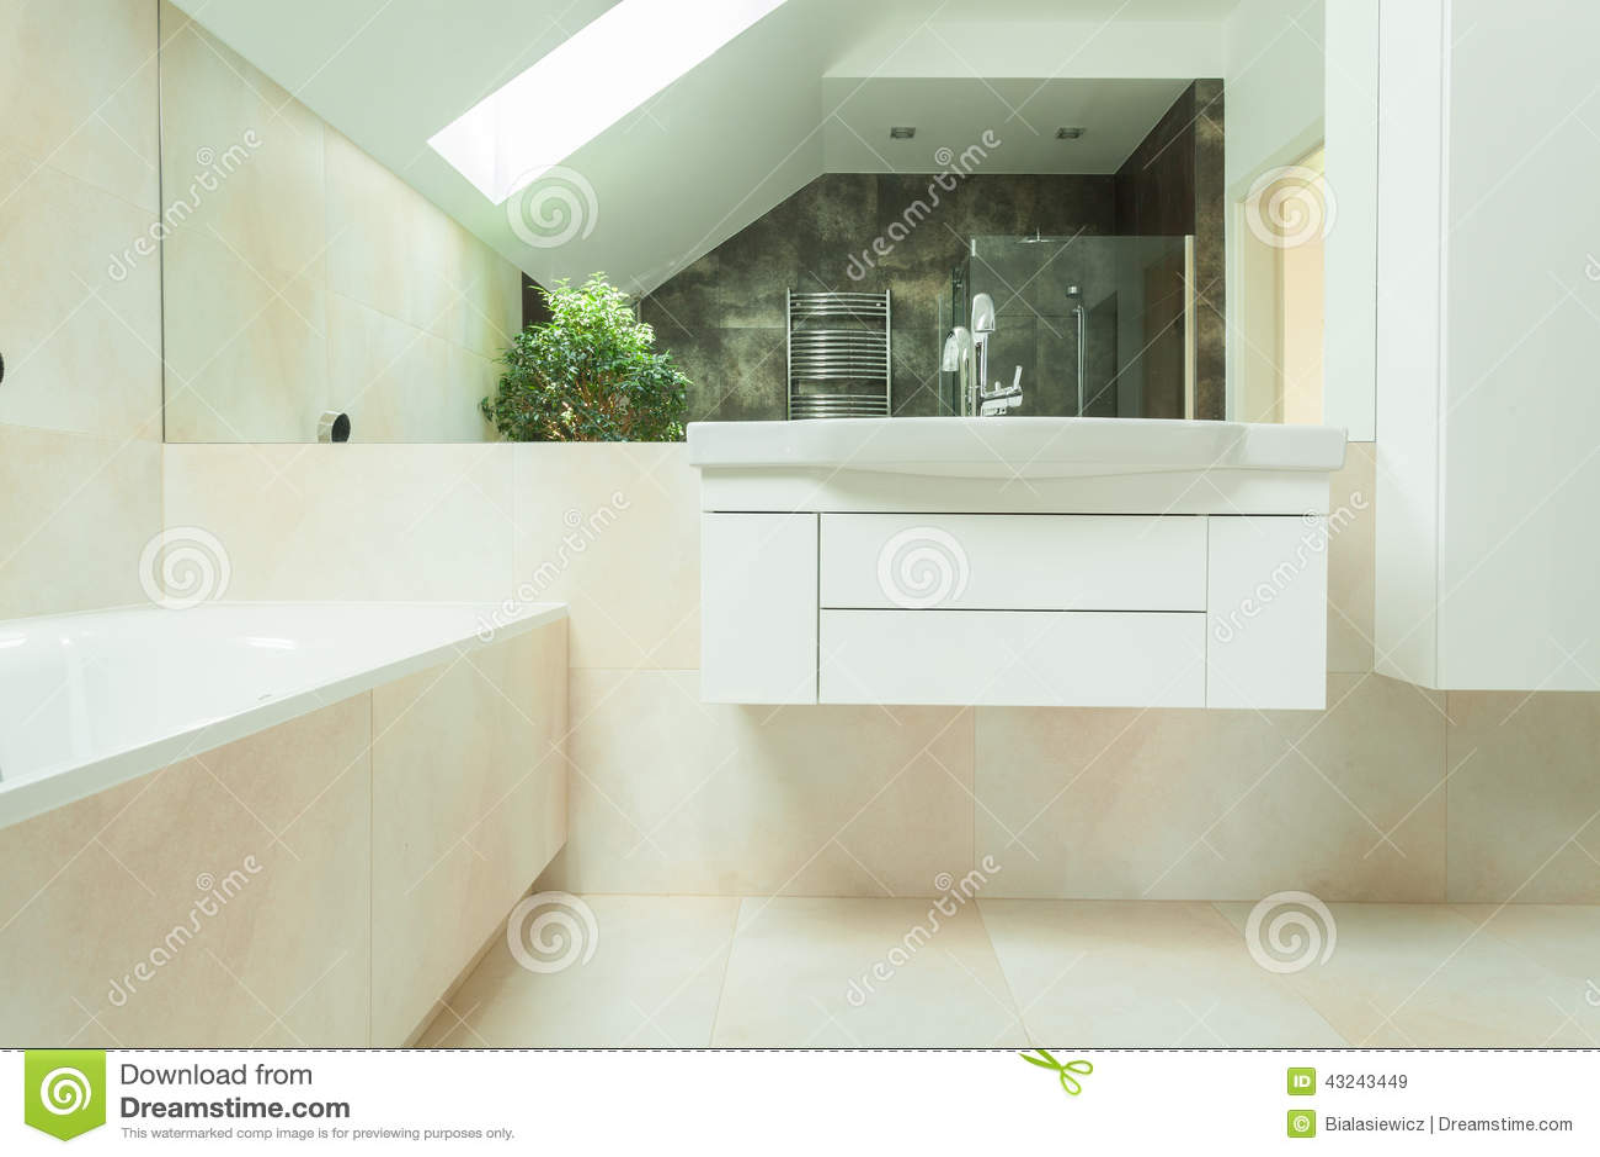 Salle De Bain Luxueuse Moderne ~ salle de bains luxueuse moderne image stock image du bain maison